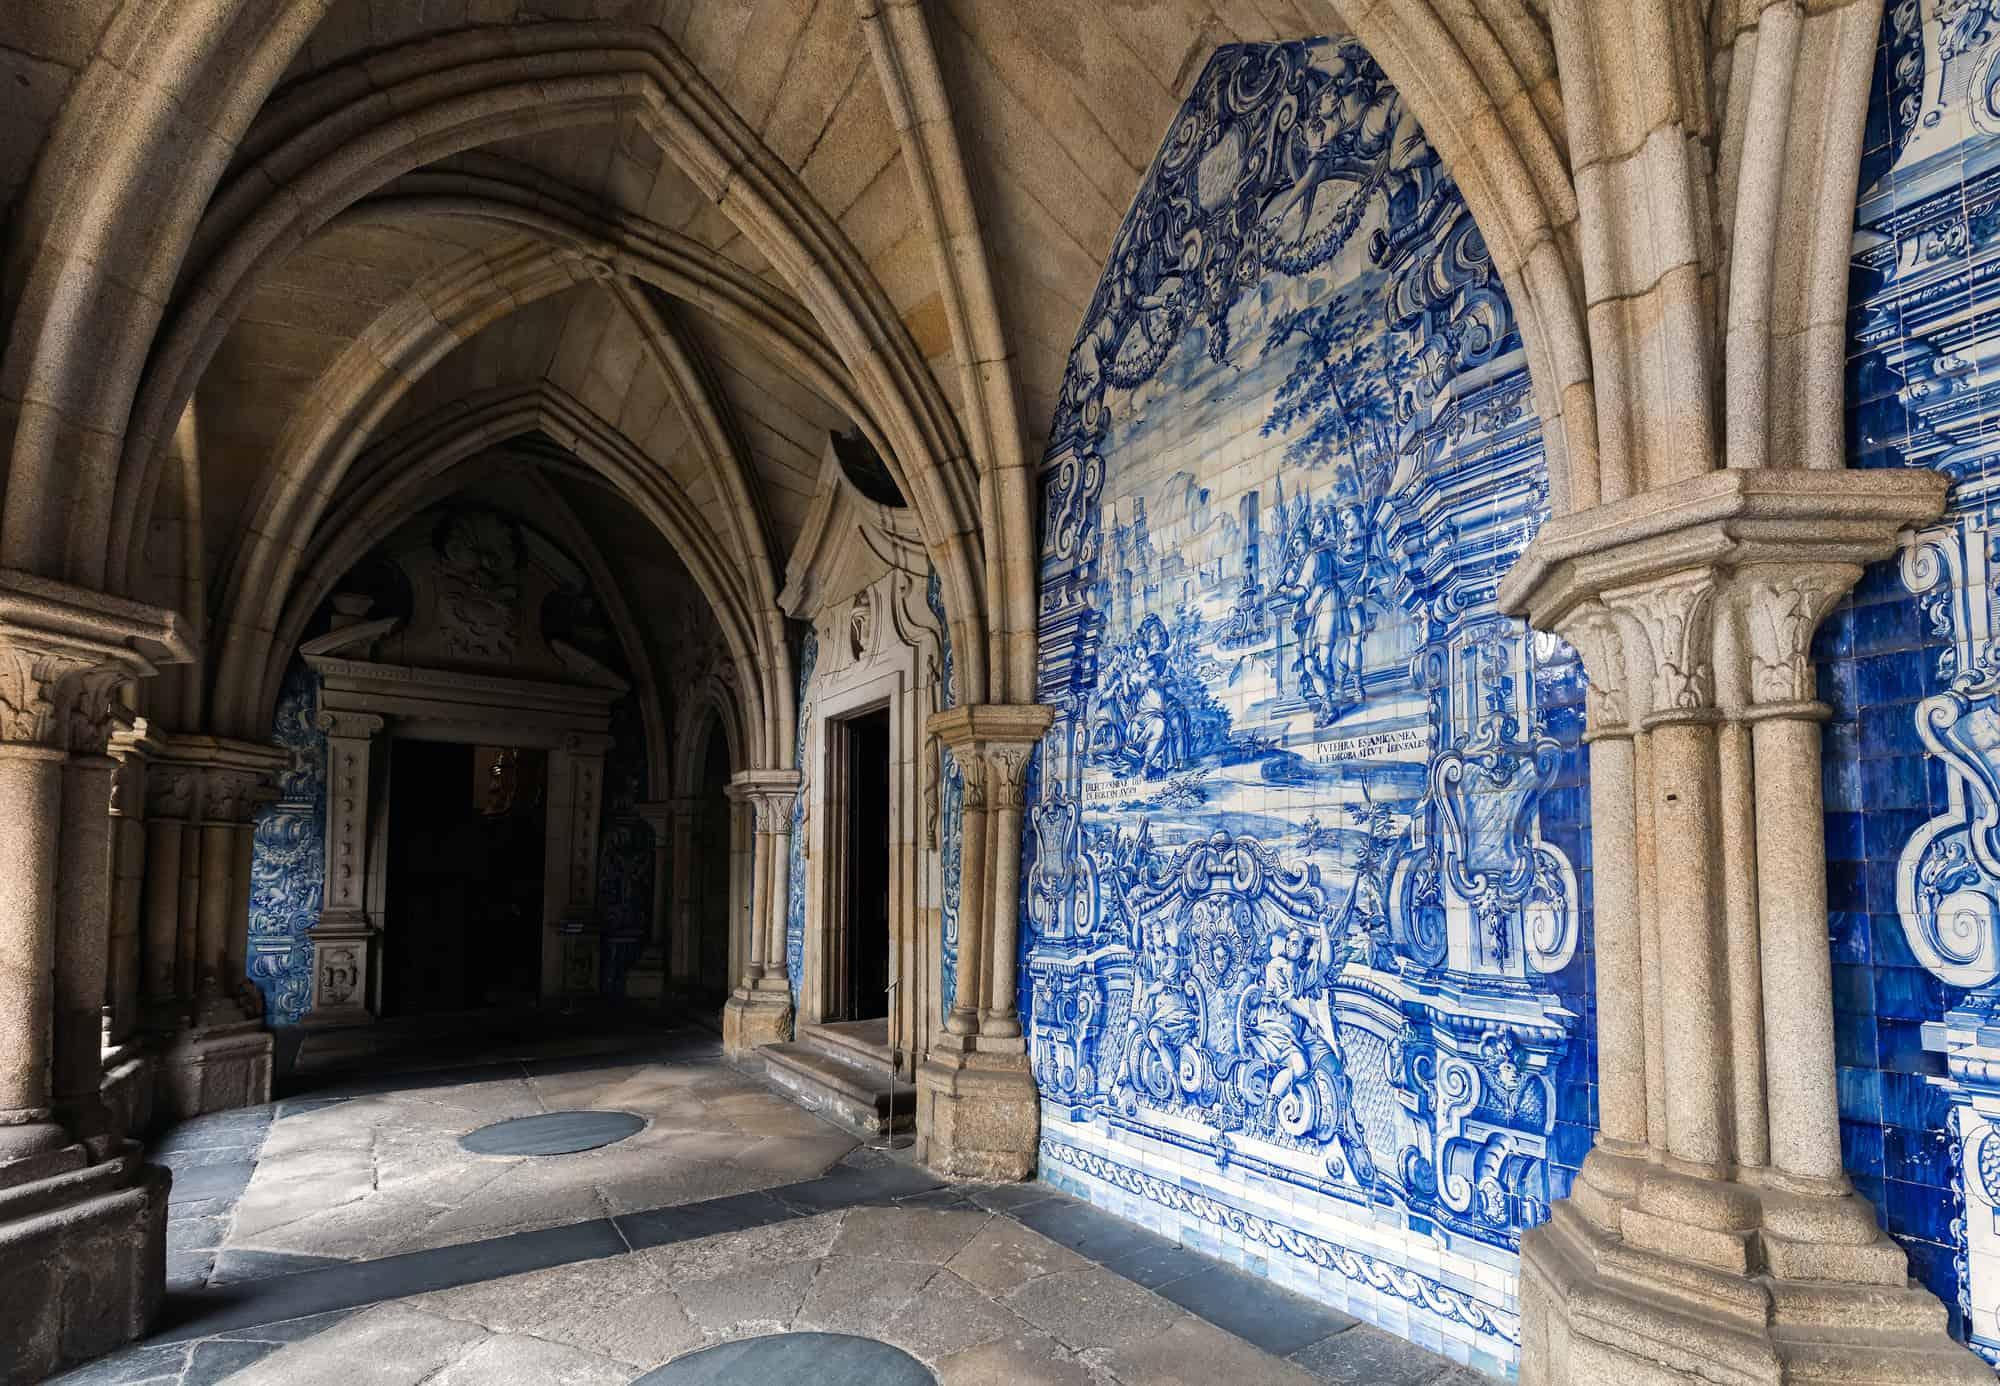 azulejos w katedrze Se w Porto